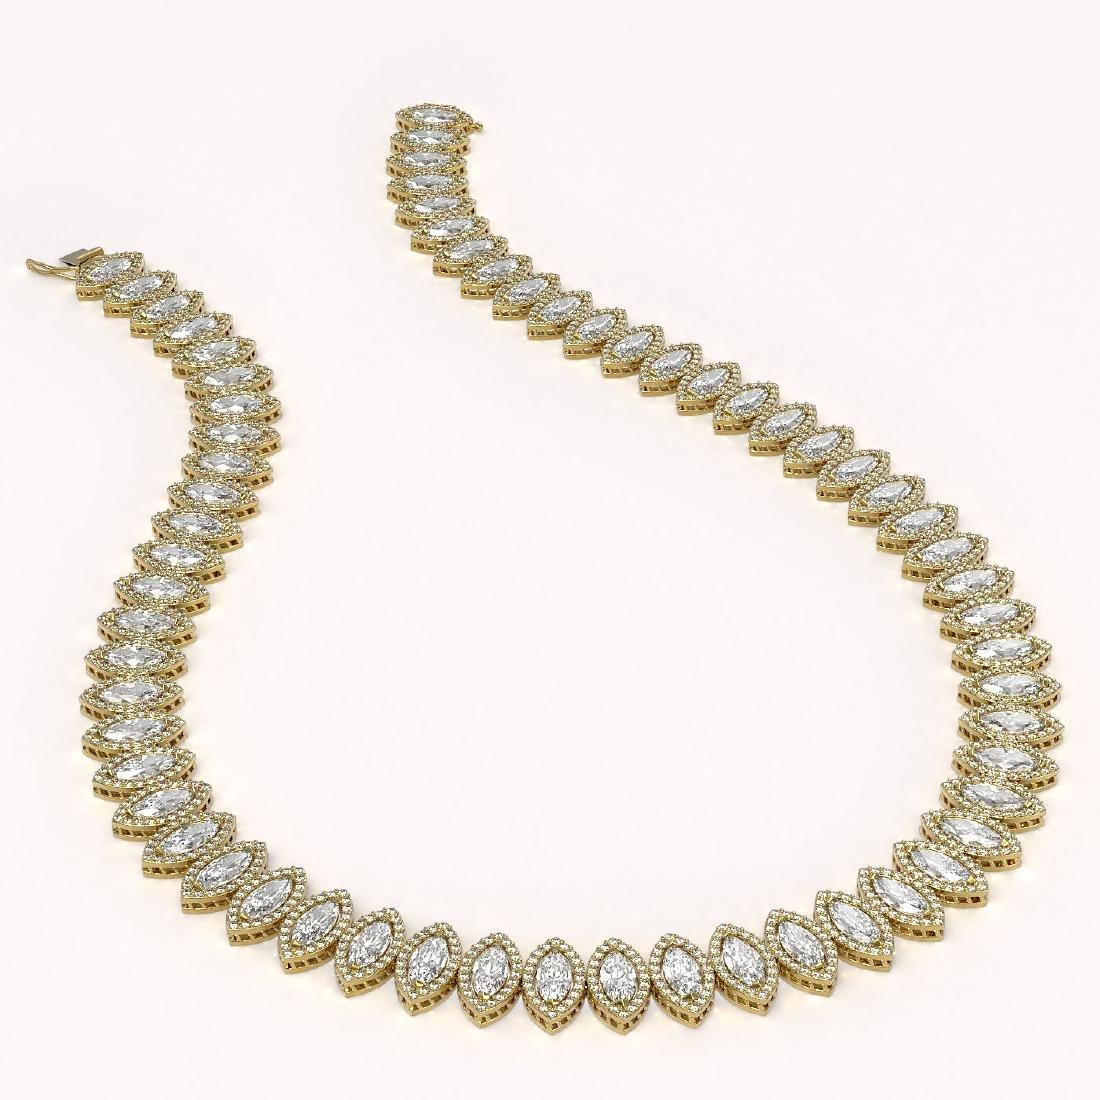 47.12 CTW Marquise Diamond Designer Necklace 18K Yellow - 2